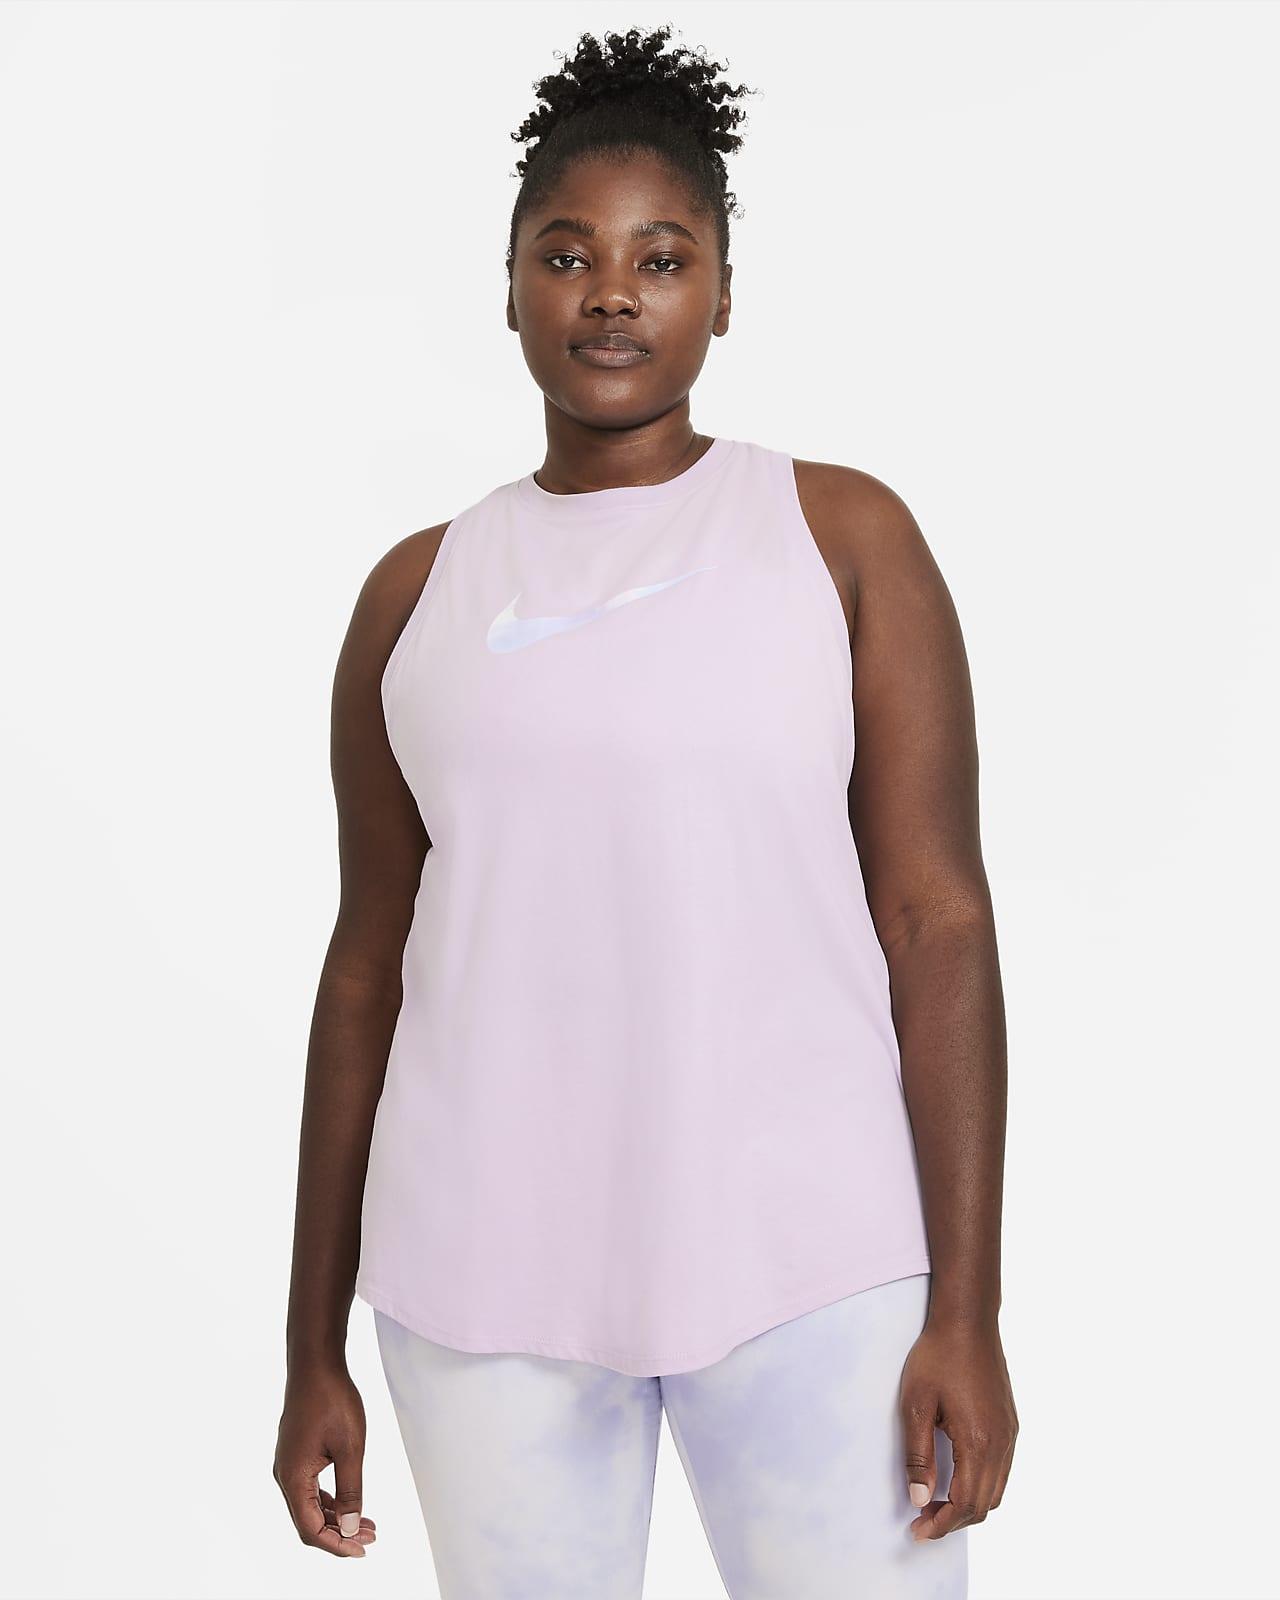 เสื้อกล้ามเทรนนิ่ง Icon Clash ผู้หญิง Nike Dri-FIT (พลัสไซส์)